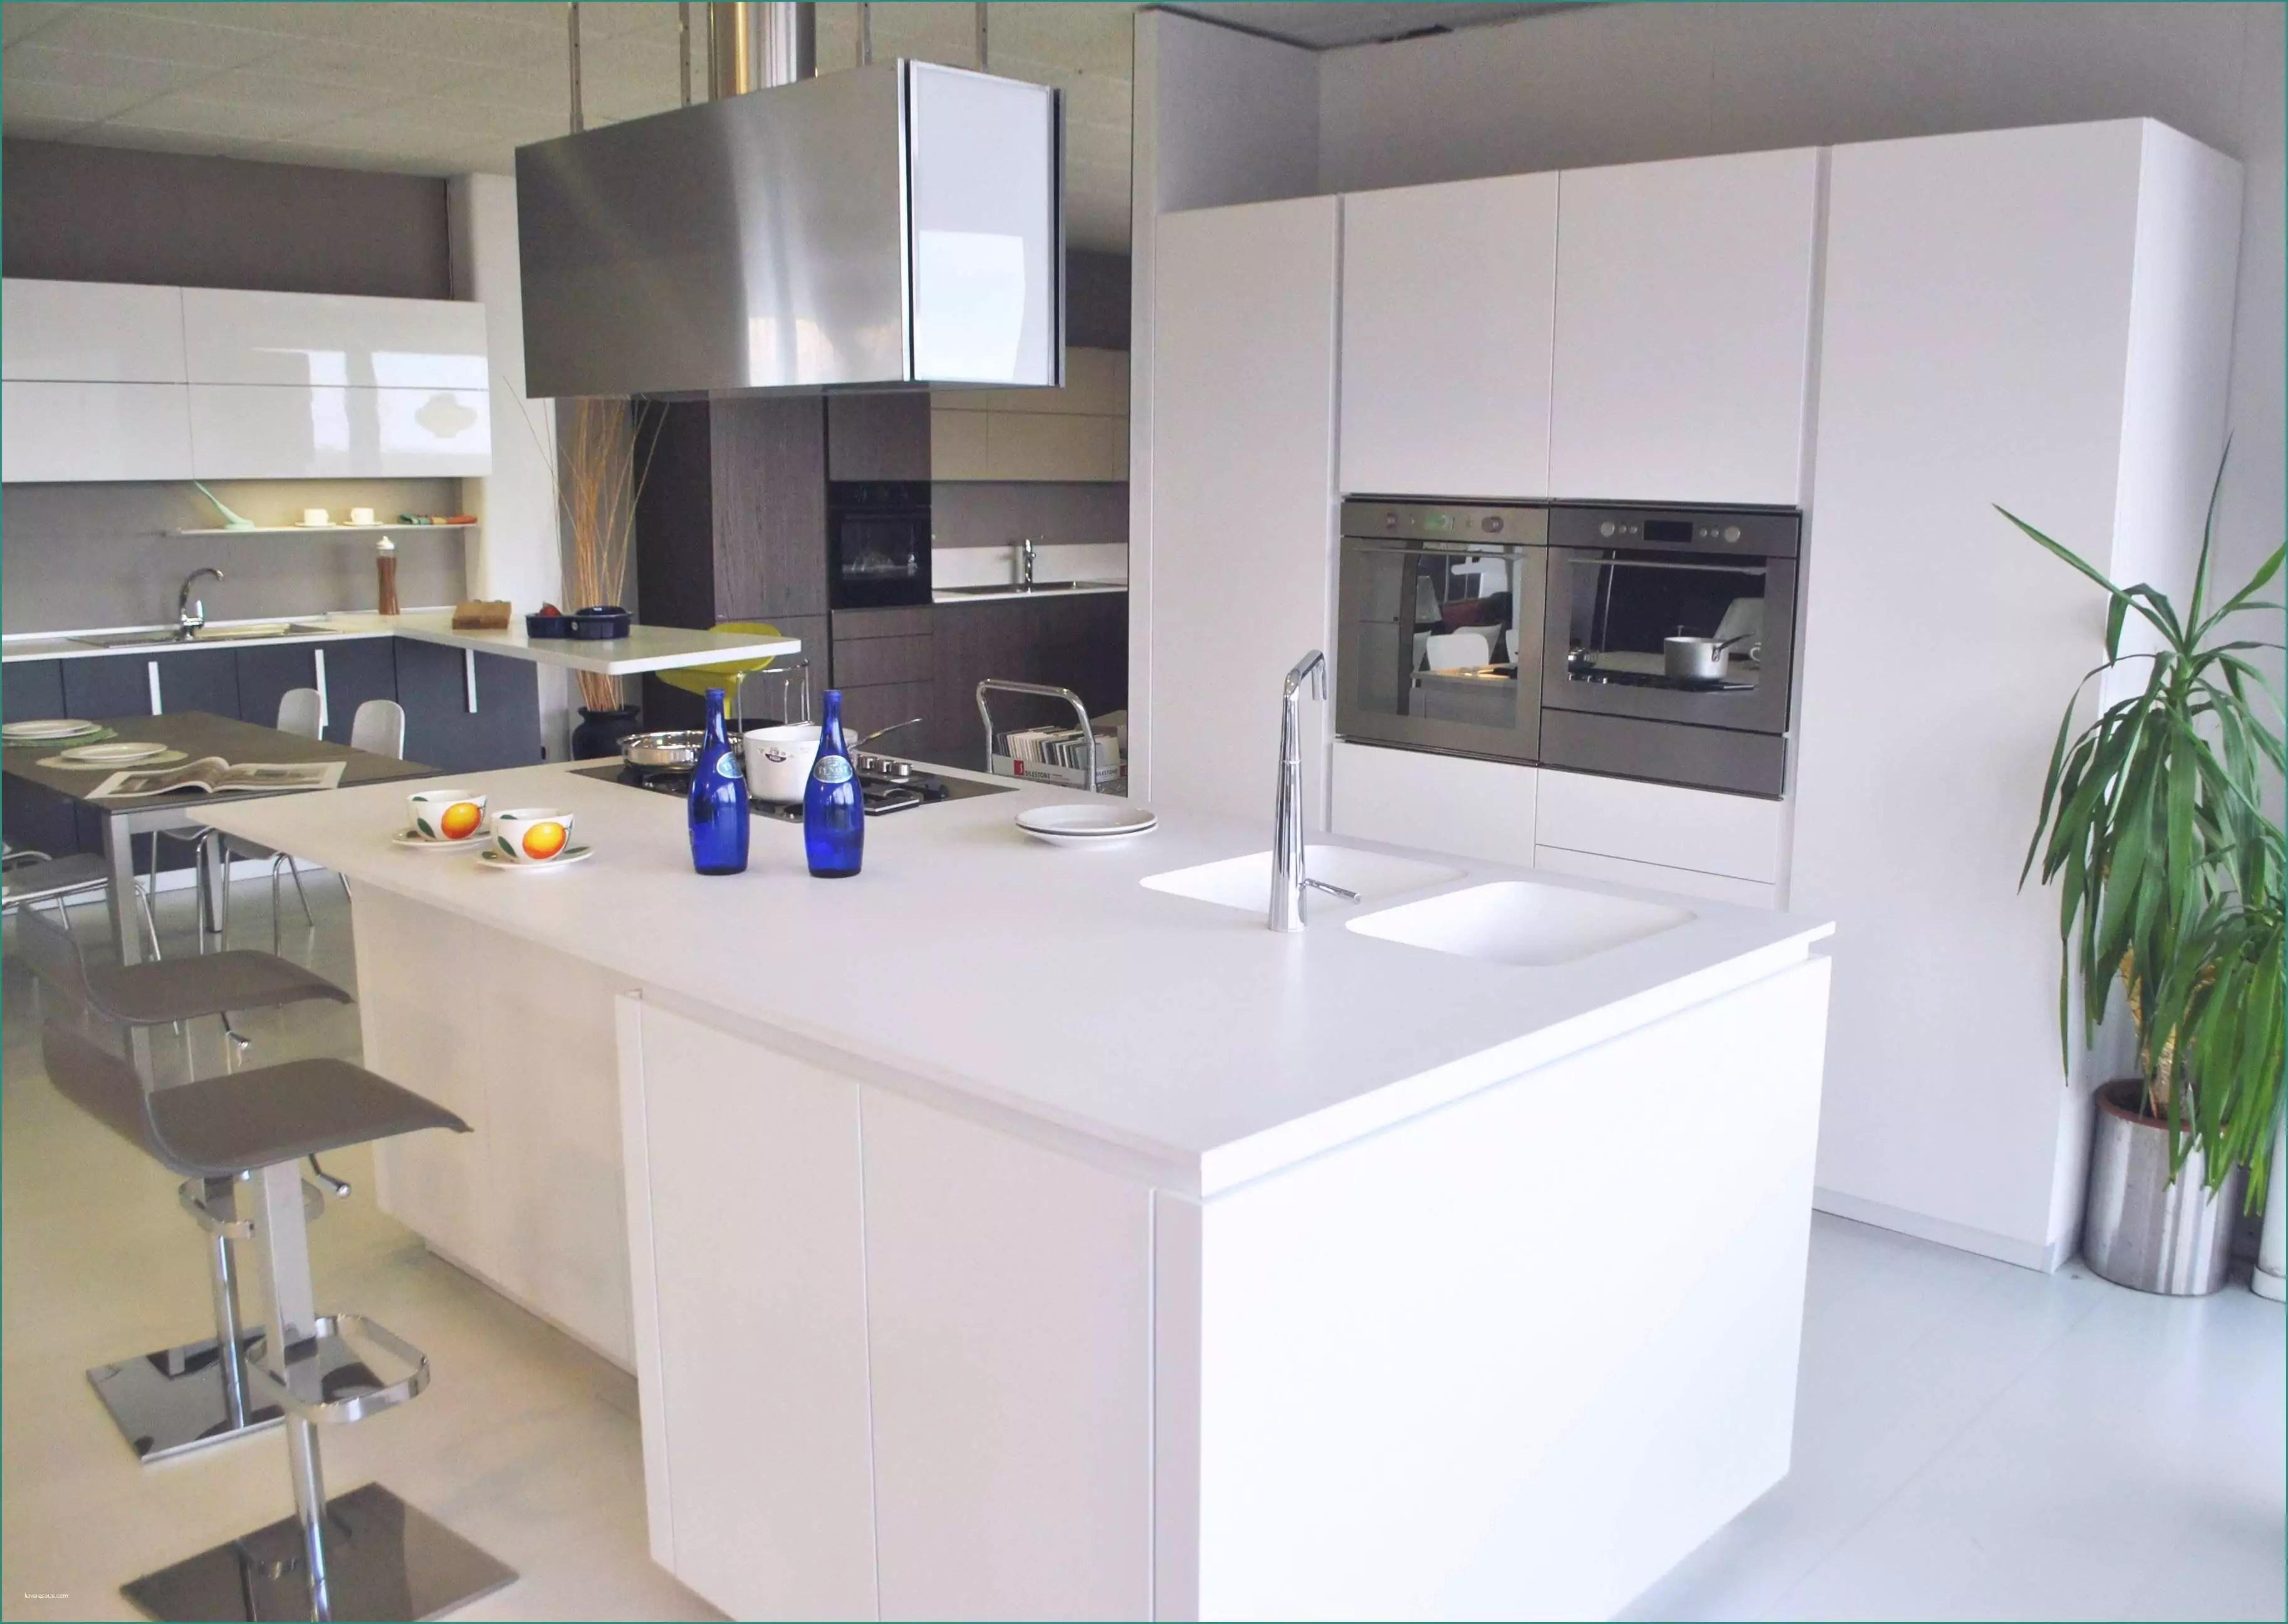 Cucine Snaidero Outlet E Outlet Arredamento Milano Idee Di